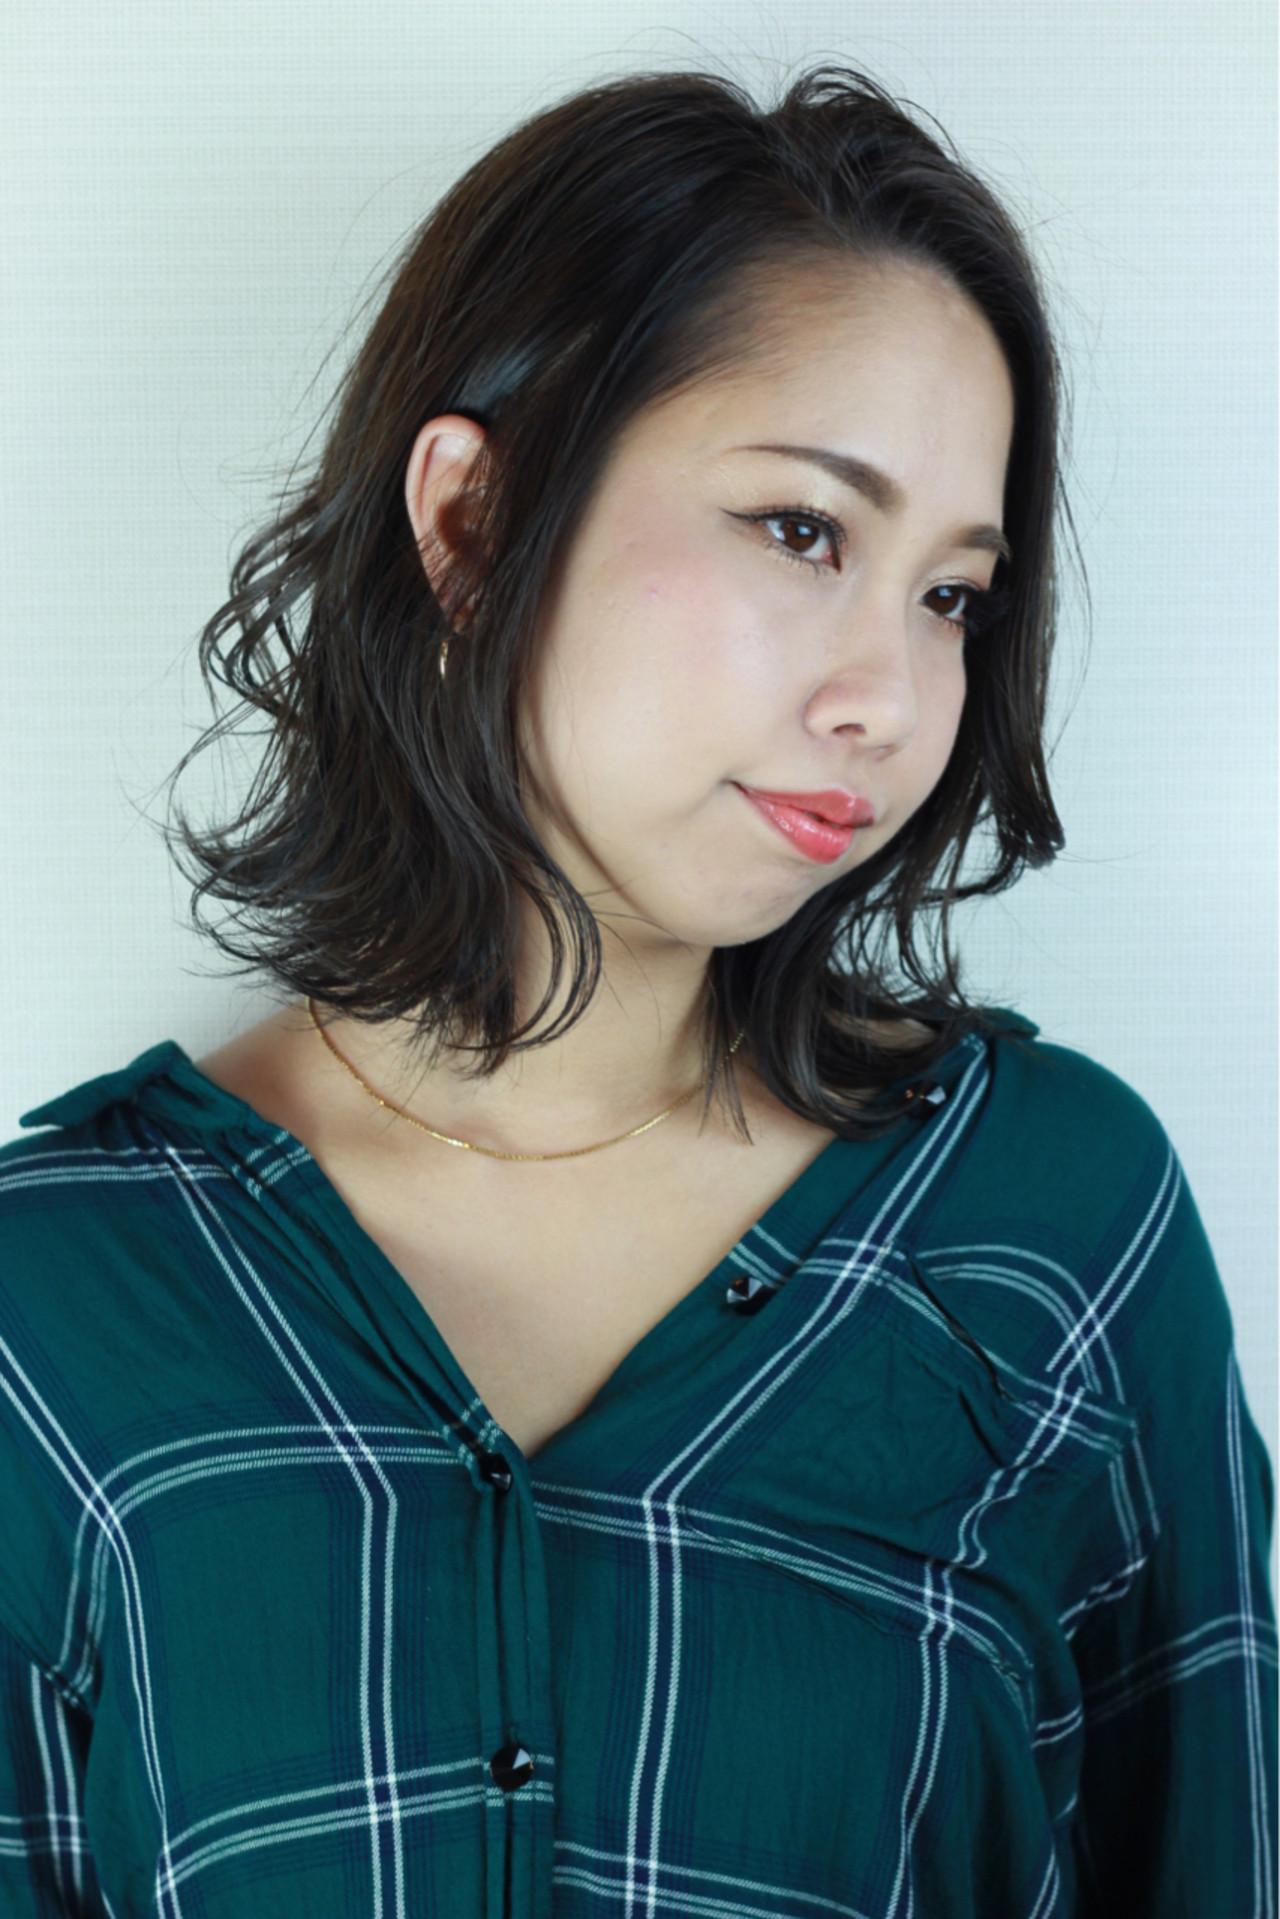 ウェーブ ゆるふわ 外国人風カラー デート ヘアスタイルや髪型の写真・画像